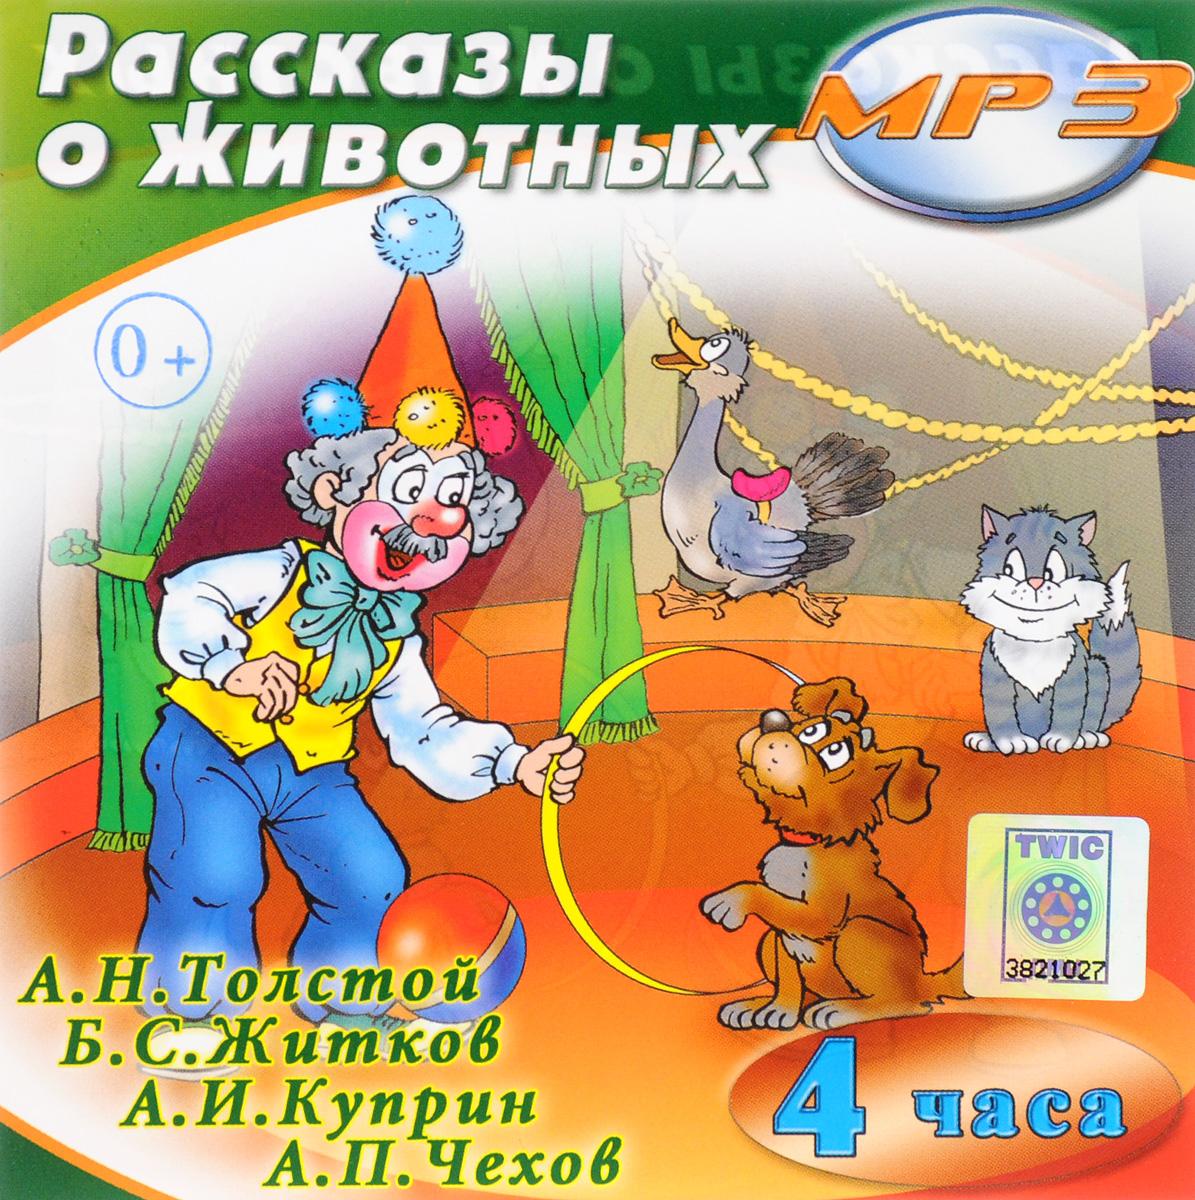 Рассказы о животных (аудиокнига MP3)